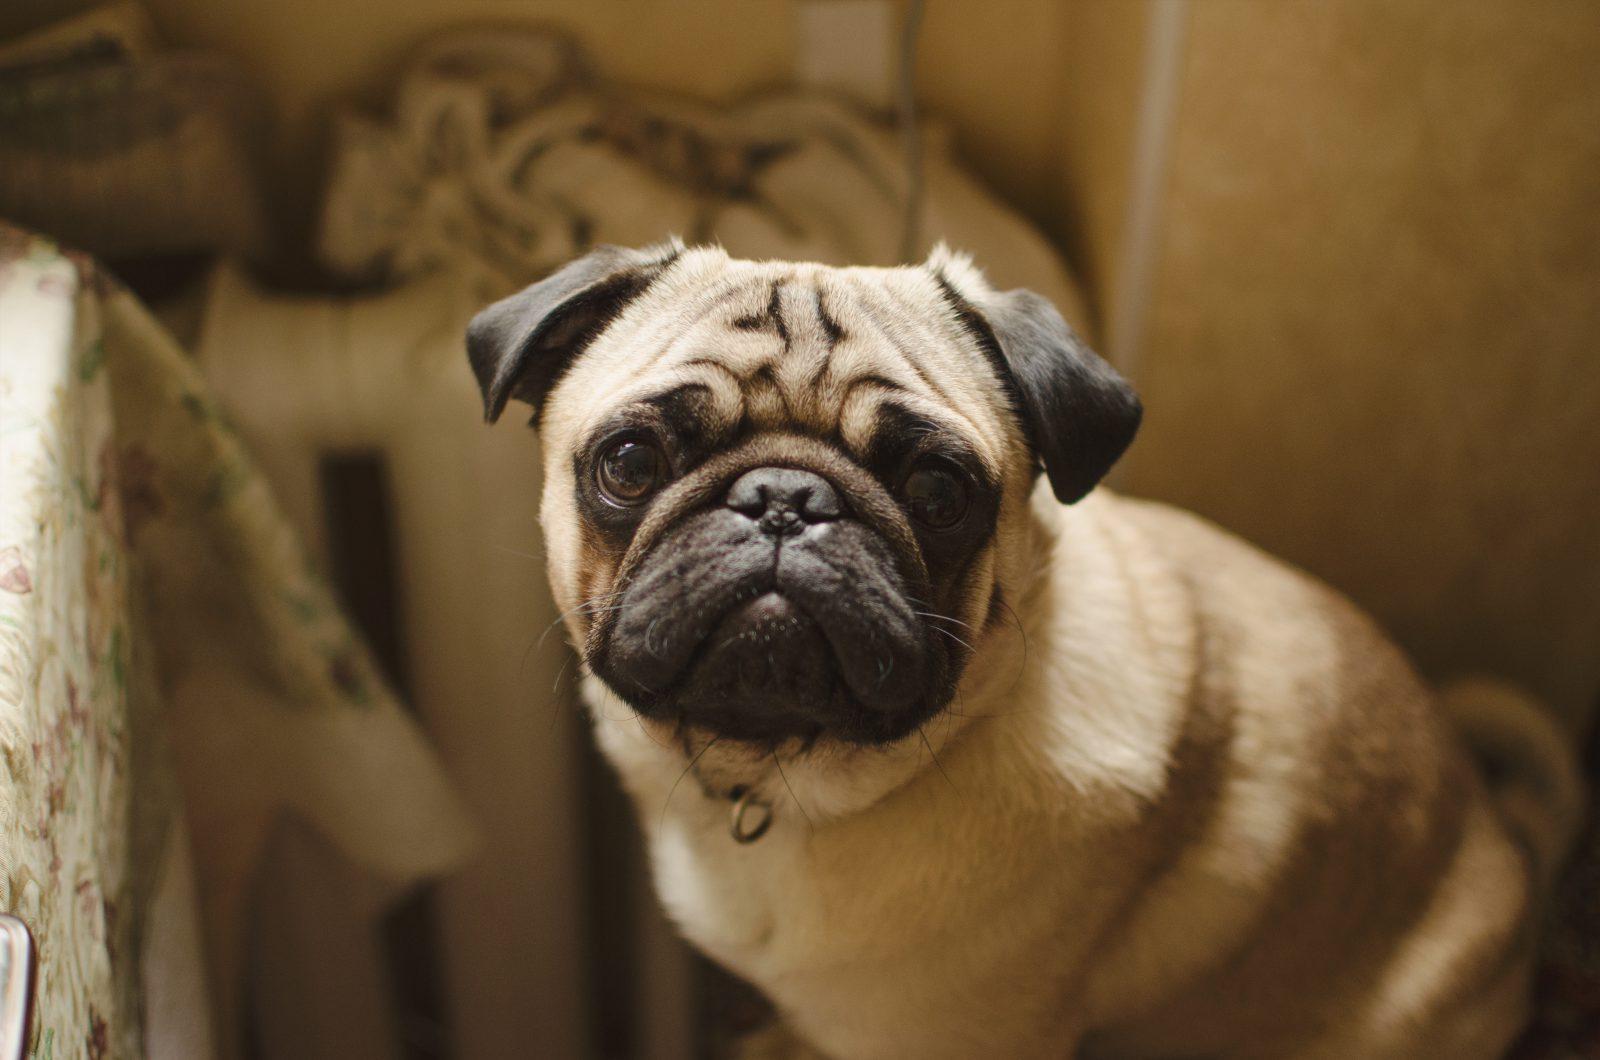 Cachorros pequenos: Pug e sua carinha fofa irresistível.